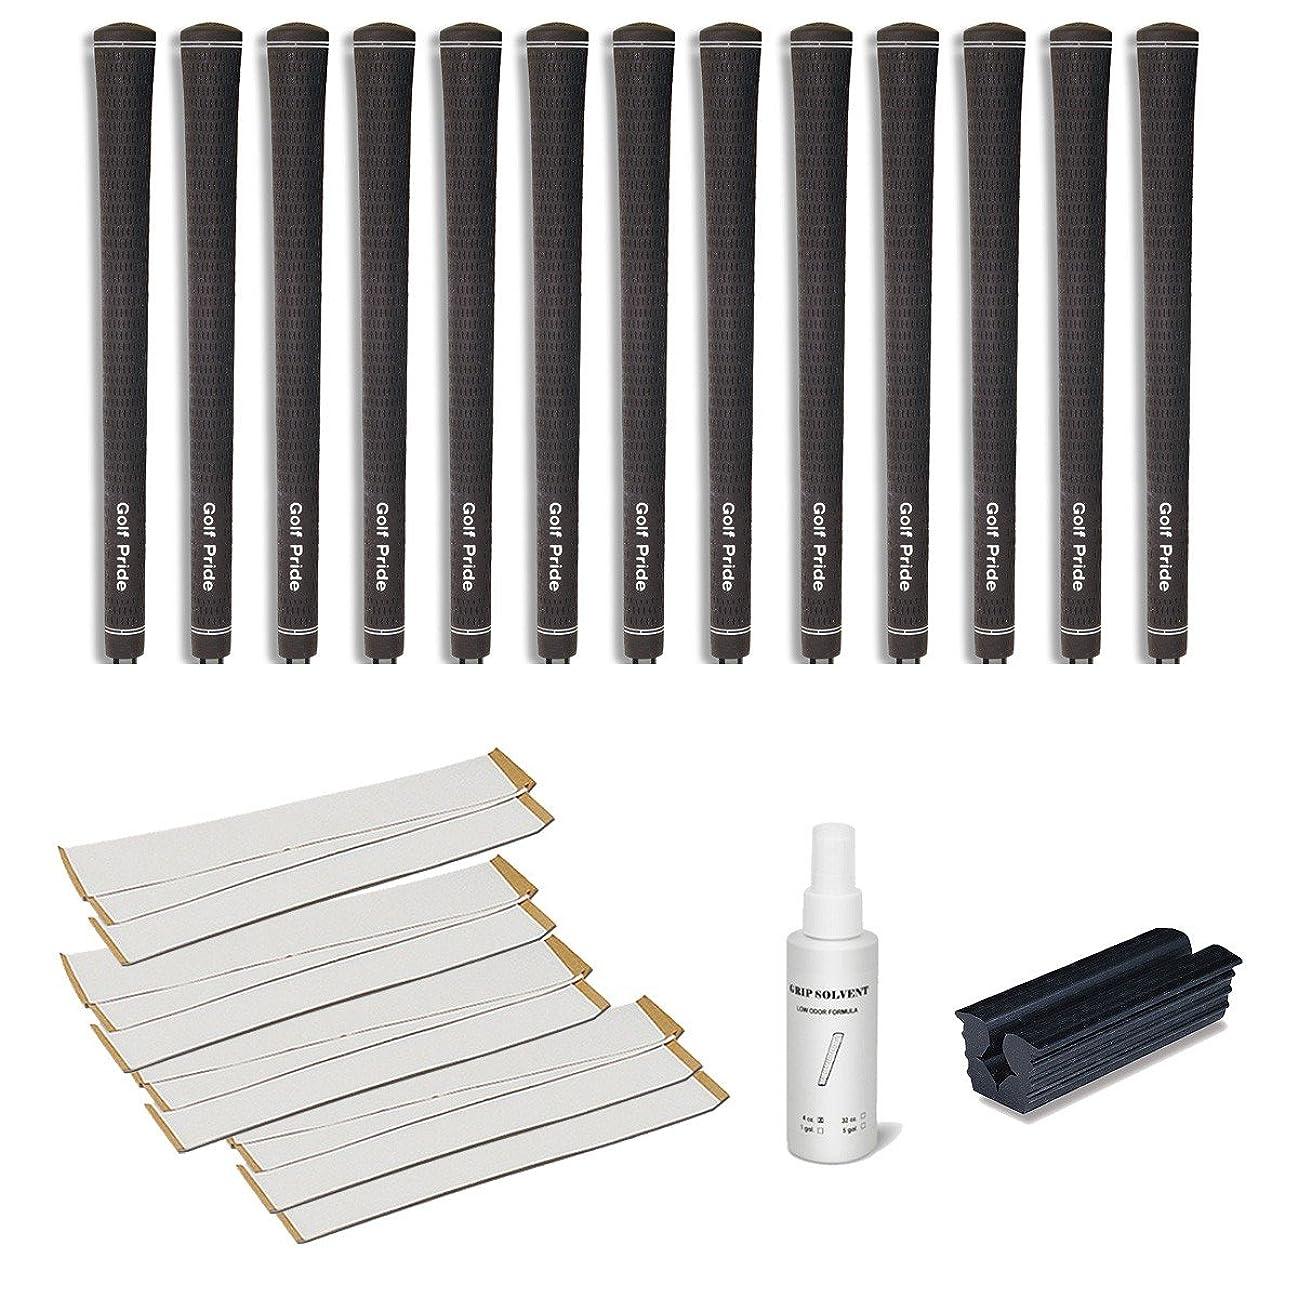 ネックレットしっとり雑品ゴルフプライドツアーベルベットUndersize 0.580リブ編みグリップキット(13-piece)